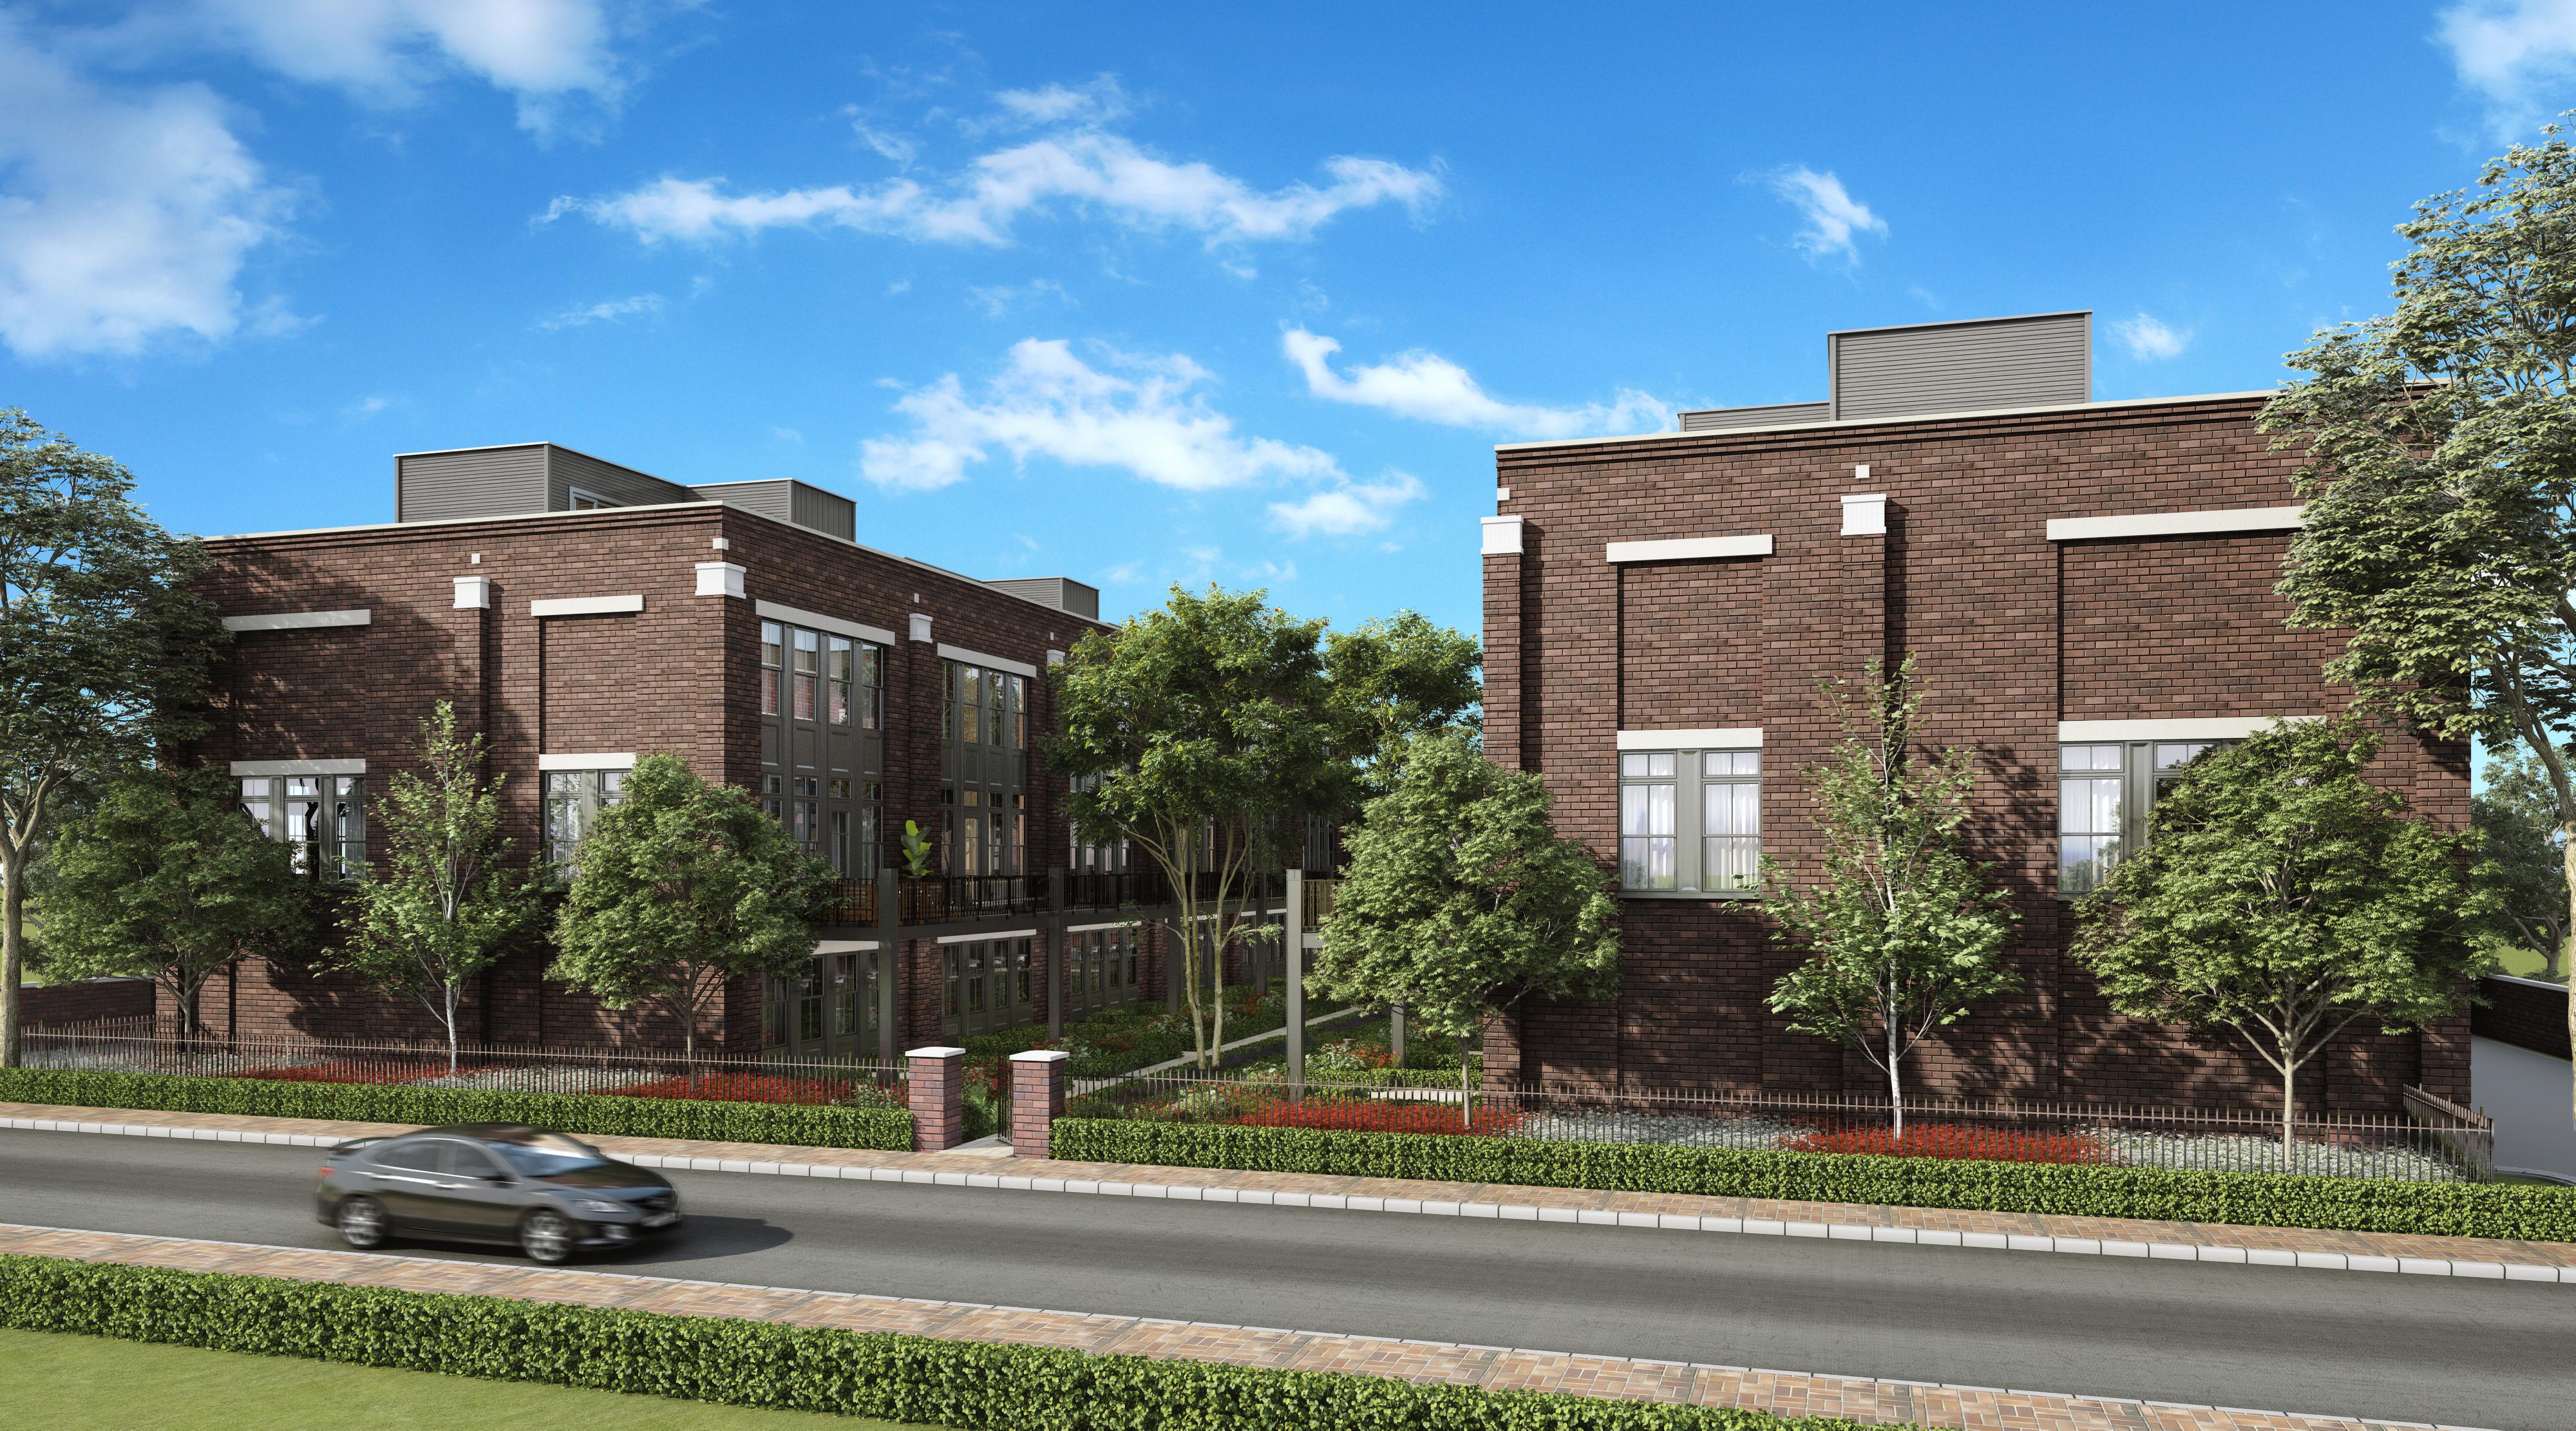 Park Terrace Row Homes downtown Mt. Prospect